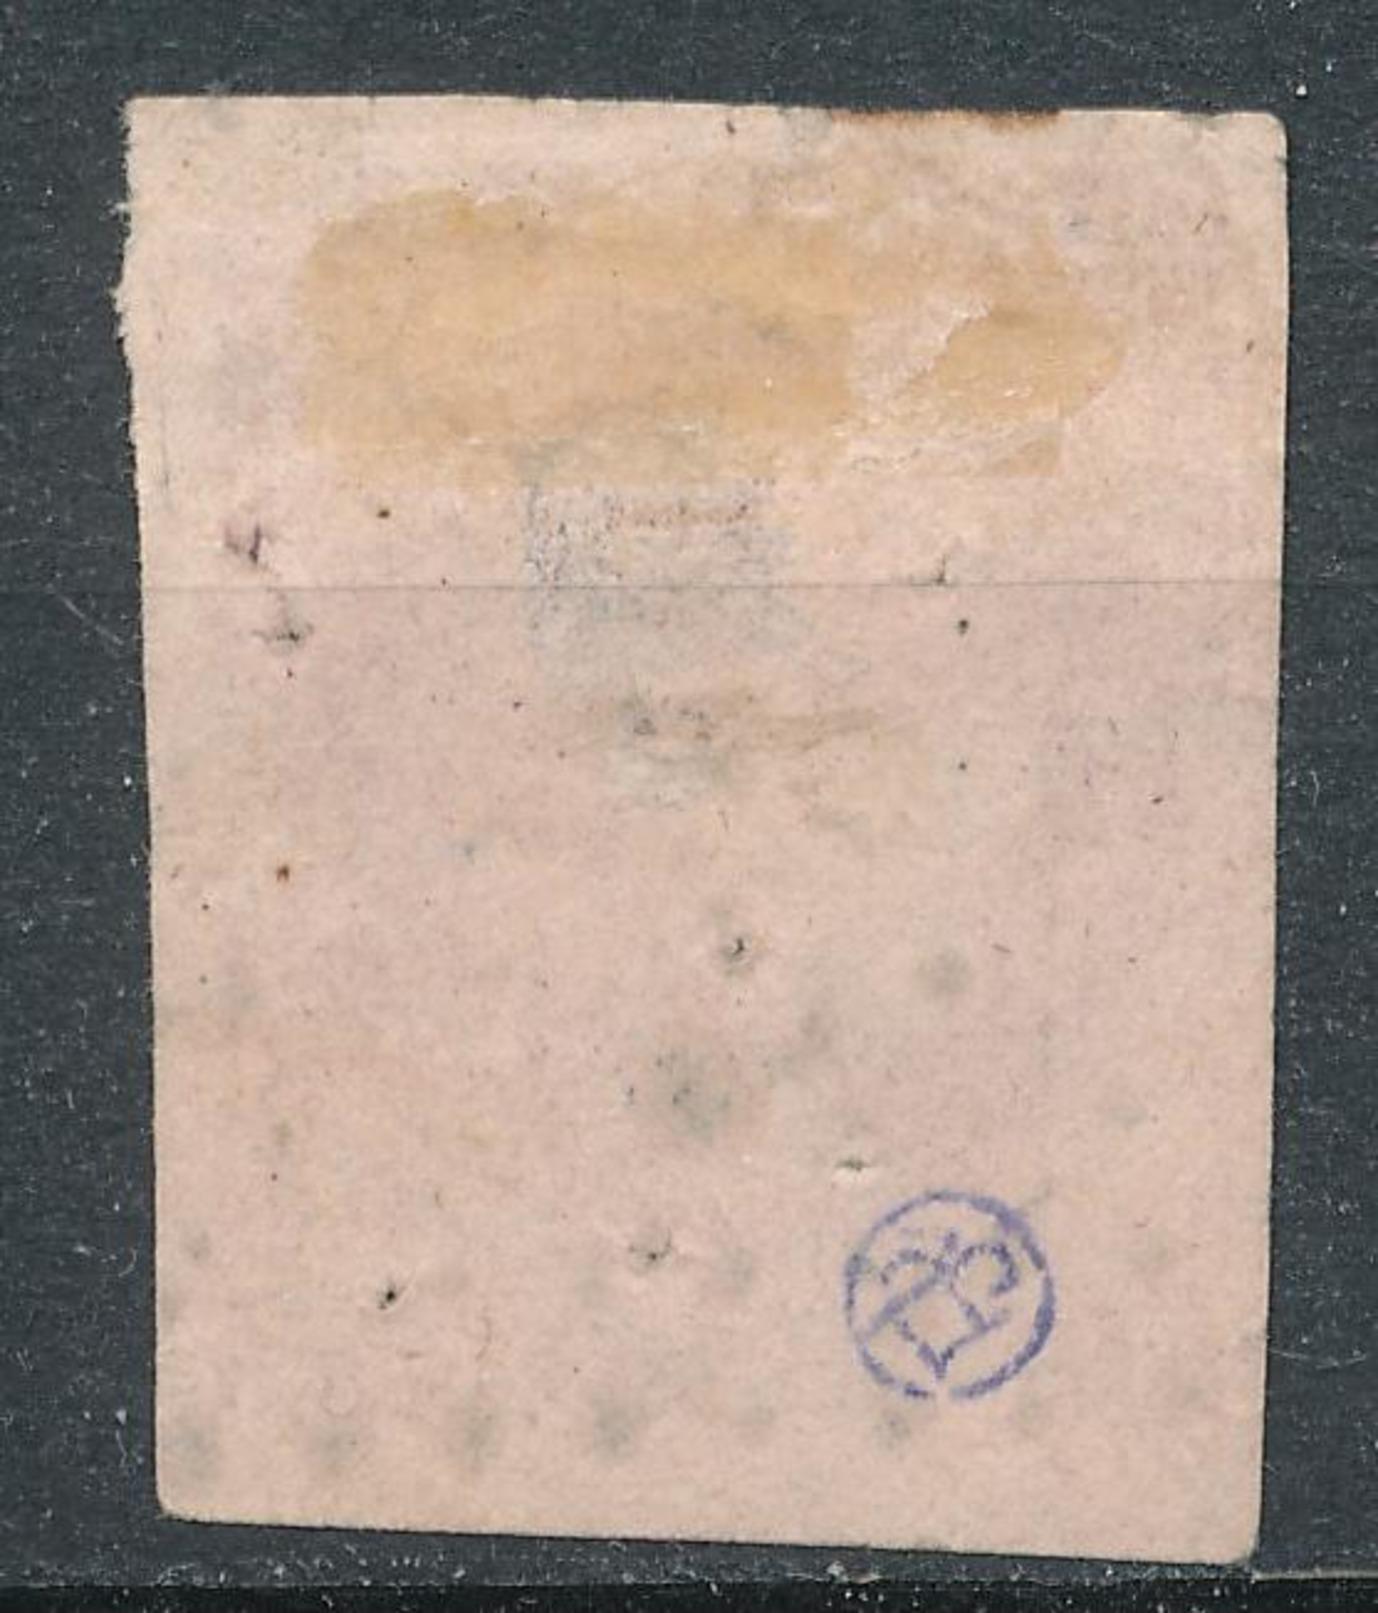 N°49 BORDEAUX NUANCE VOISIN - 1870 Ausgabe Bordeaux